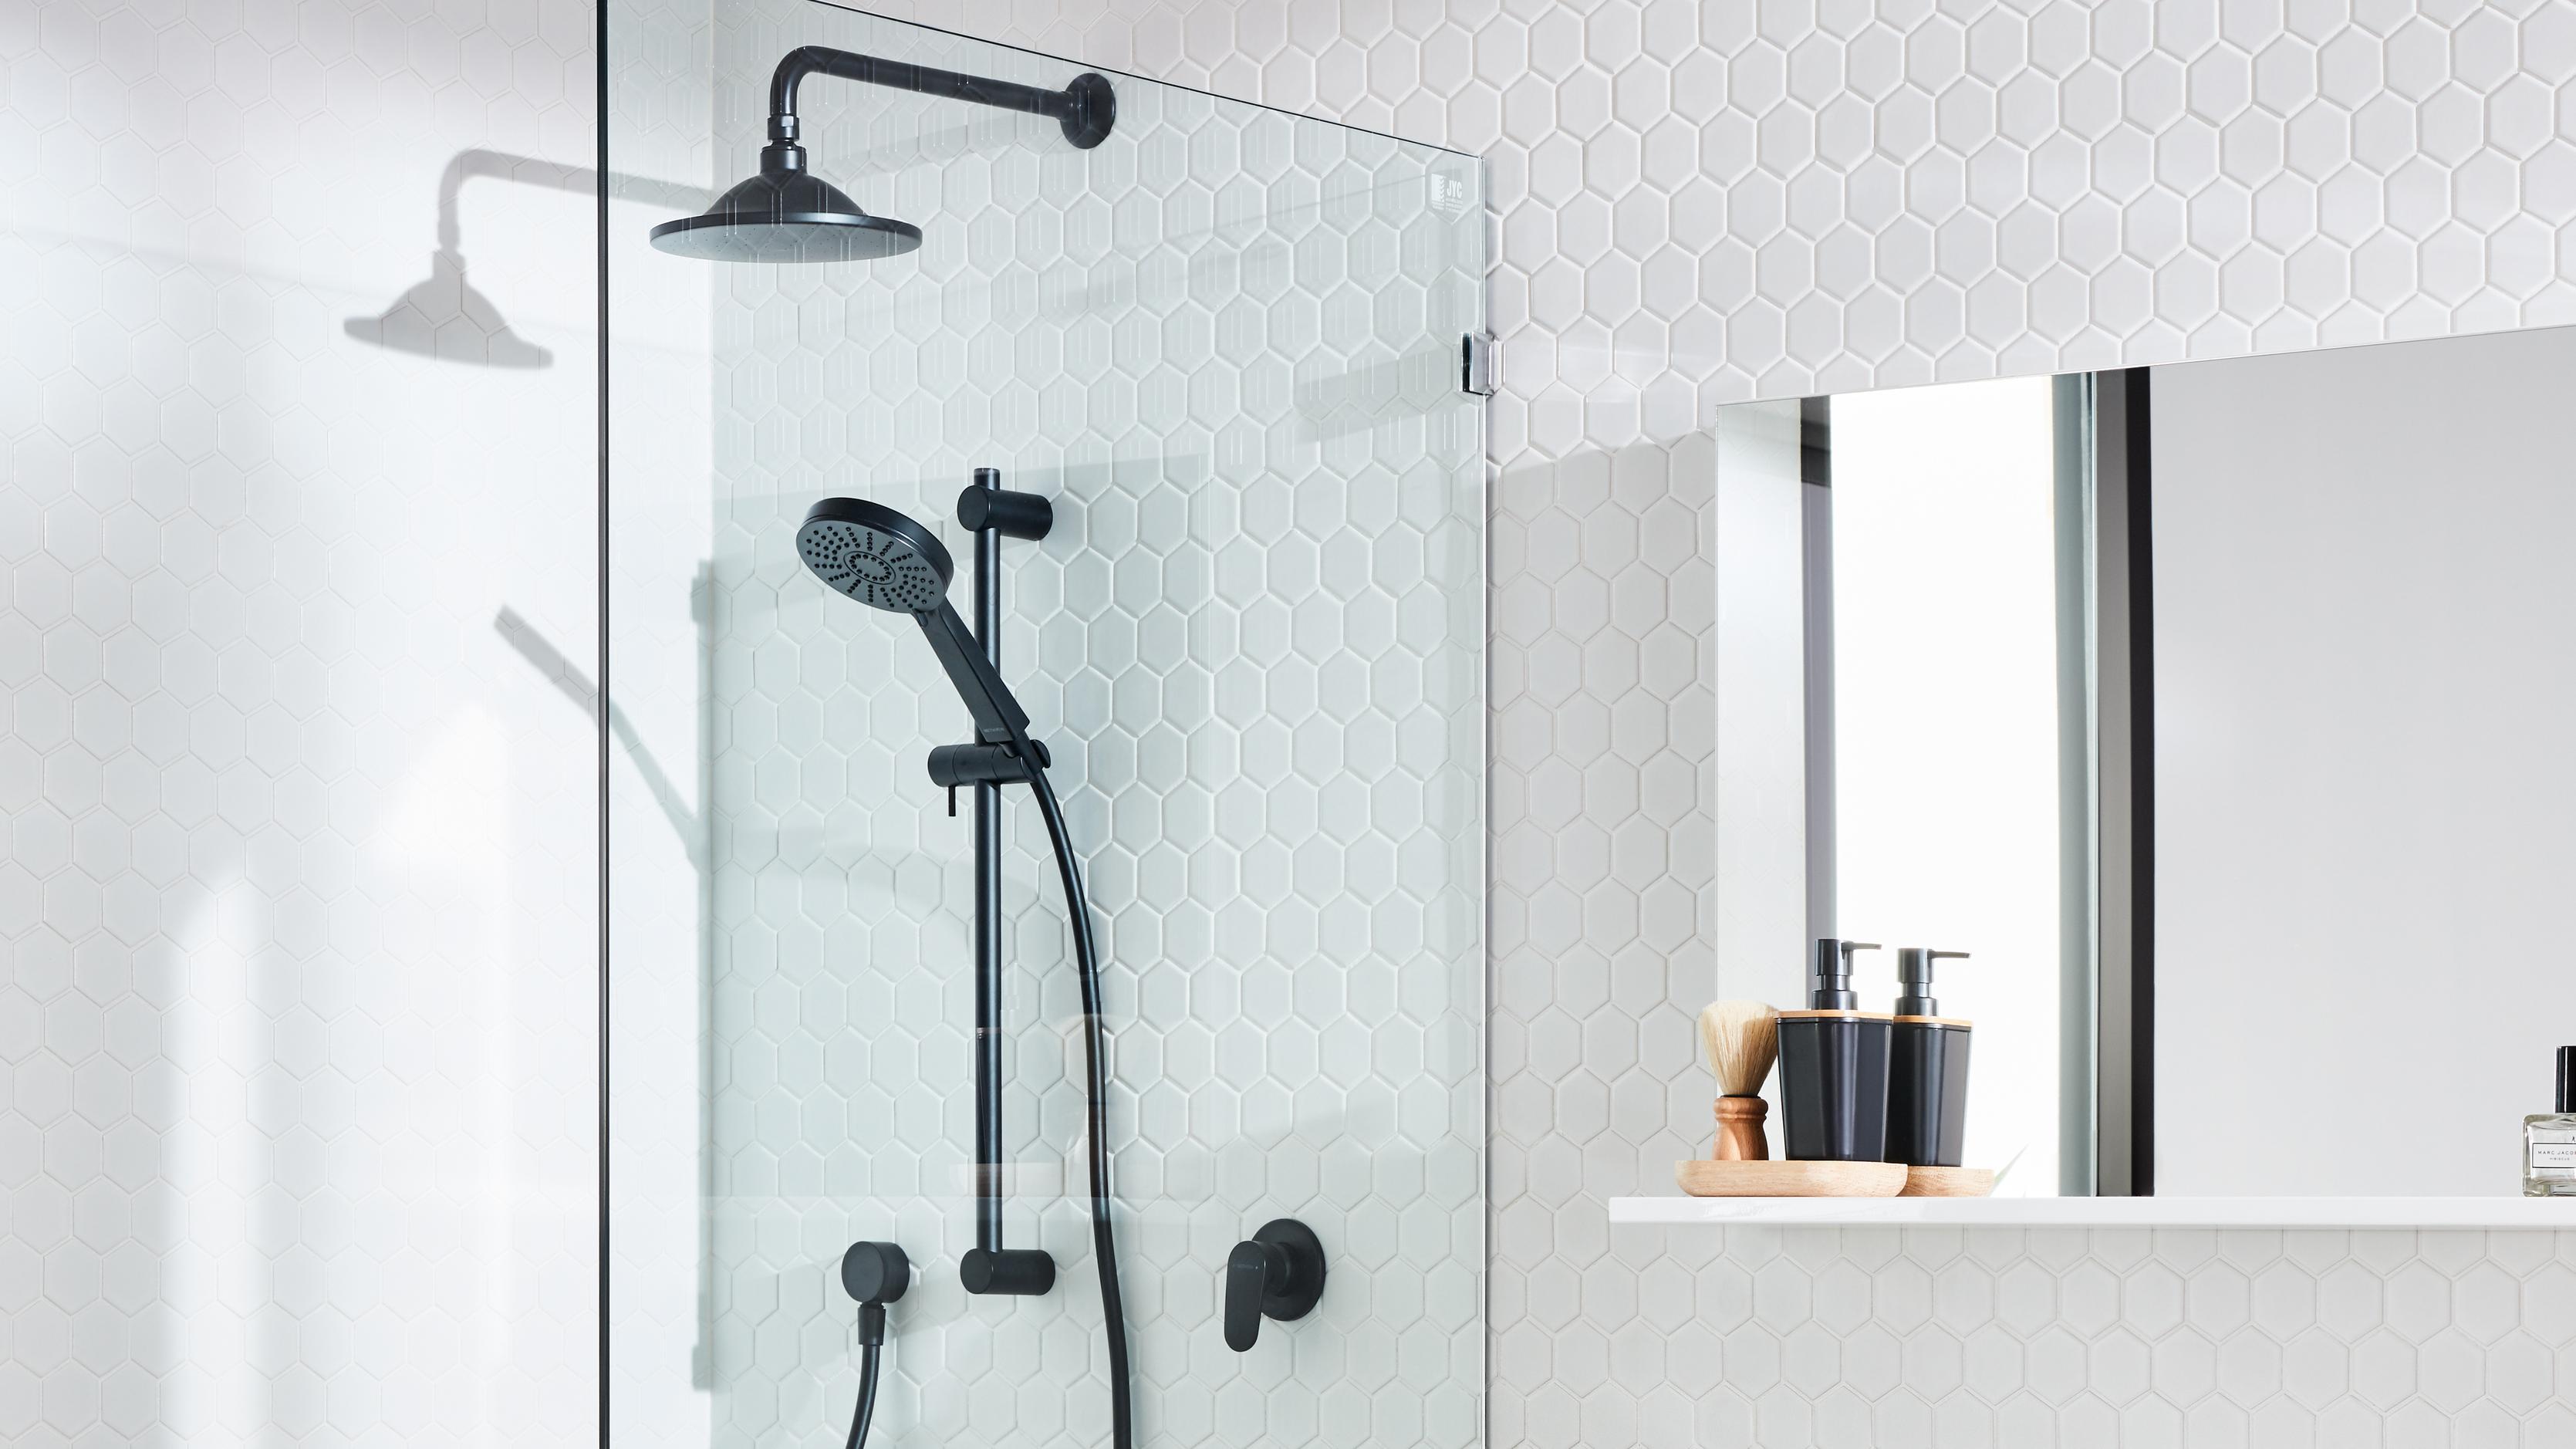 Dual shower head setup.